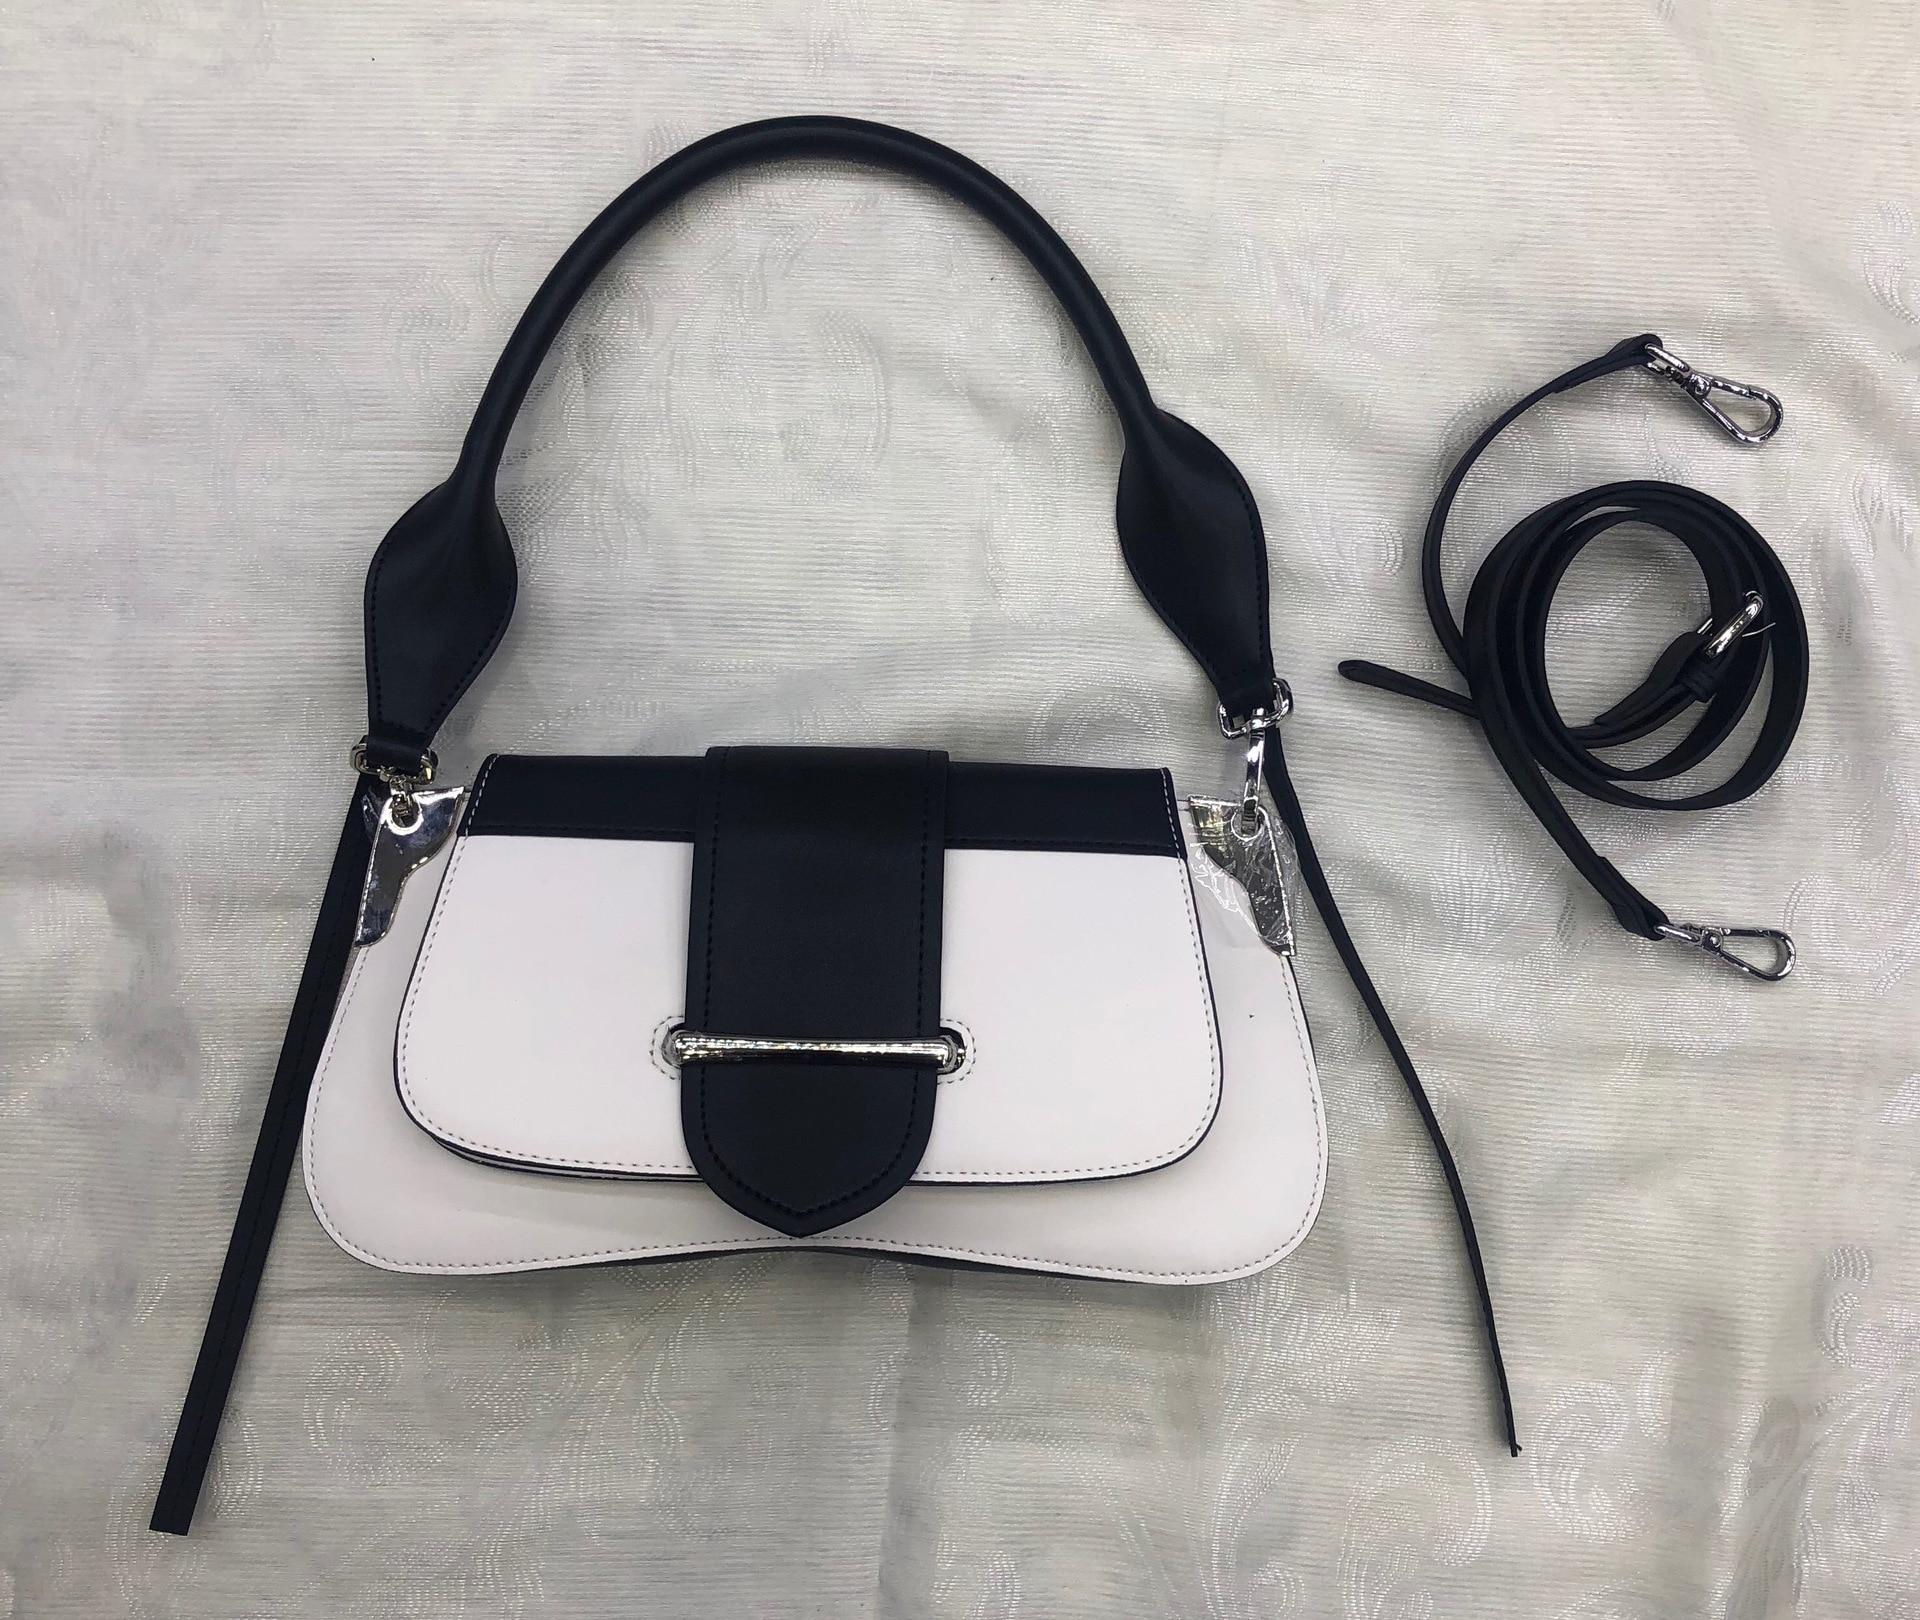 Bolsas de luxo bolsa feminina 2019 couro